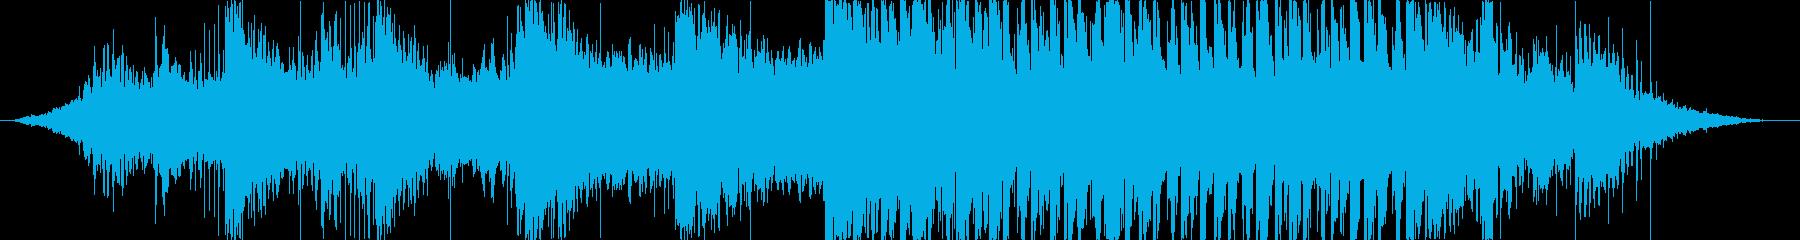 動画 アクション 技術的な adv...の再生済みの波形